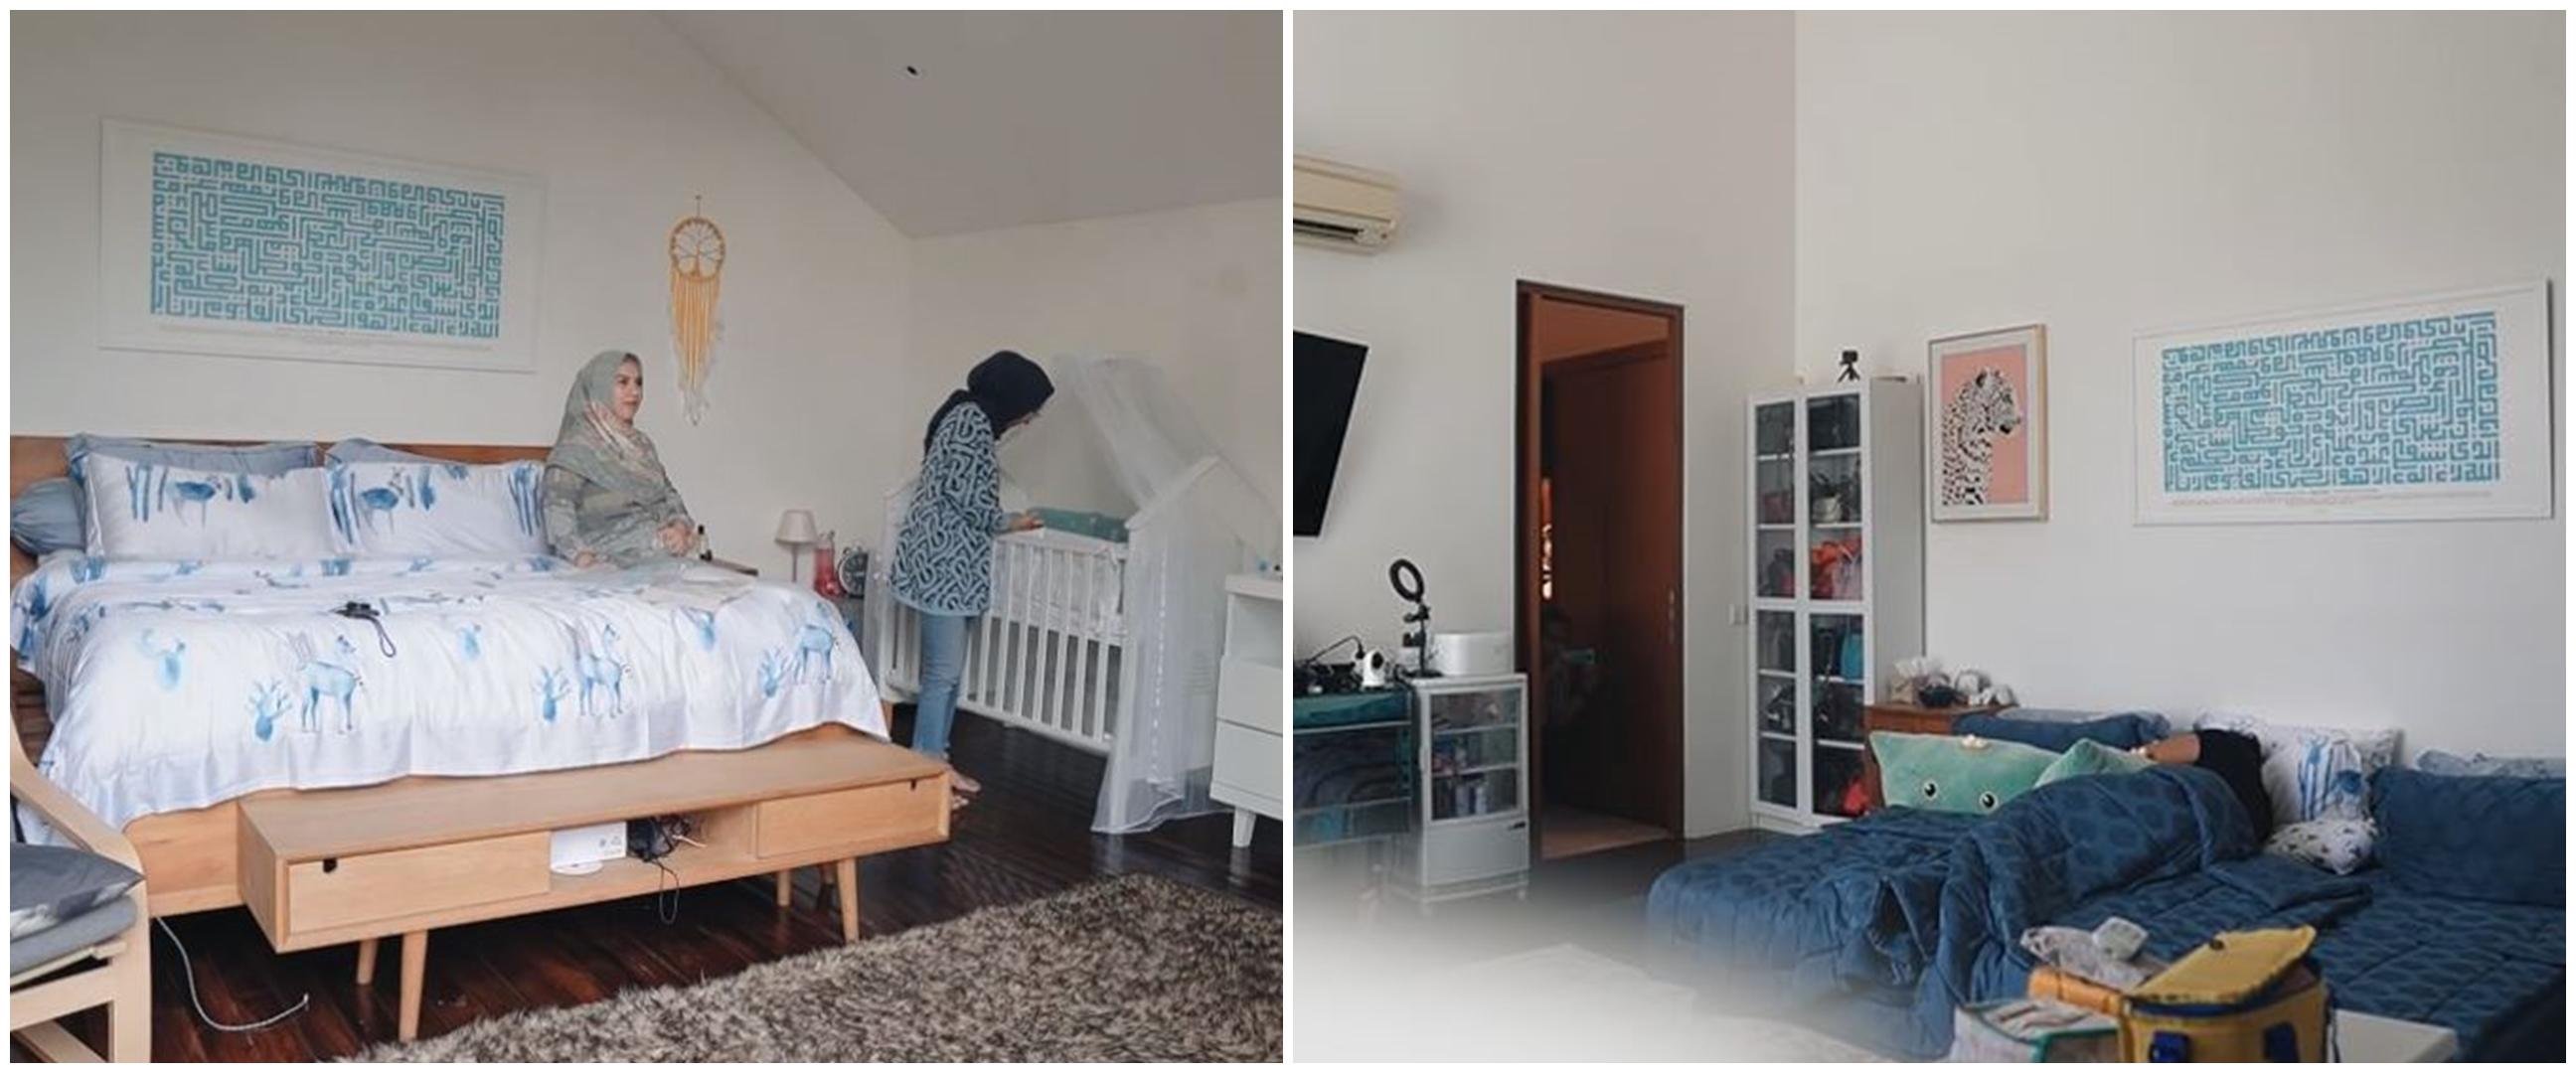 10 Potret terbaru kamar Irish Bella usai punya anak, tanpa dipan kasur